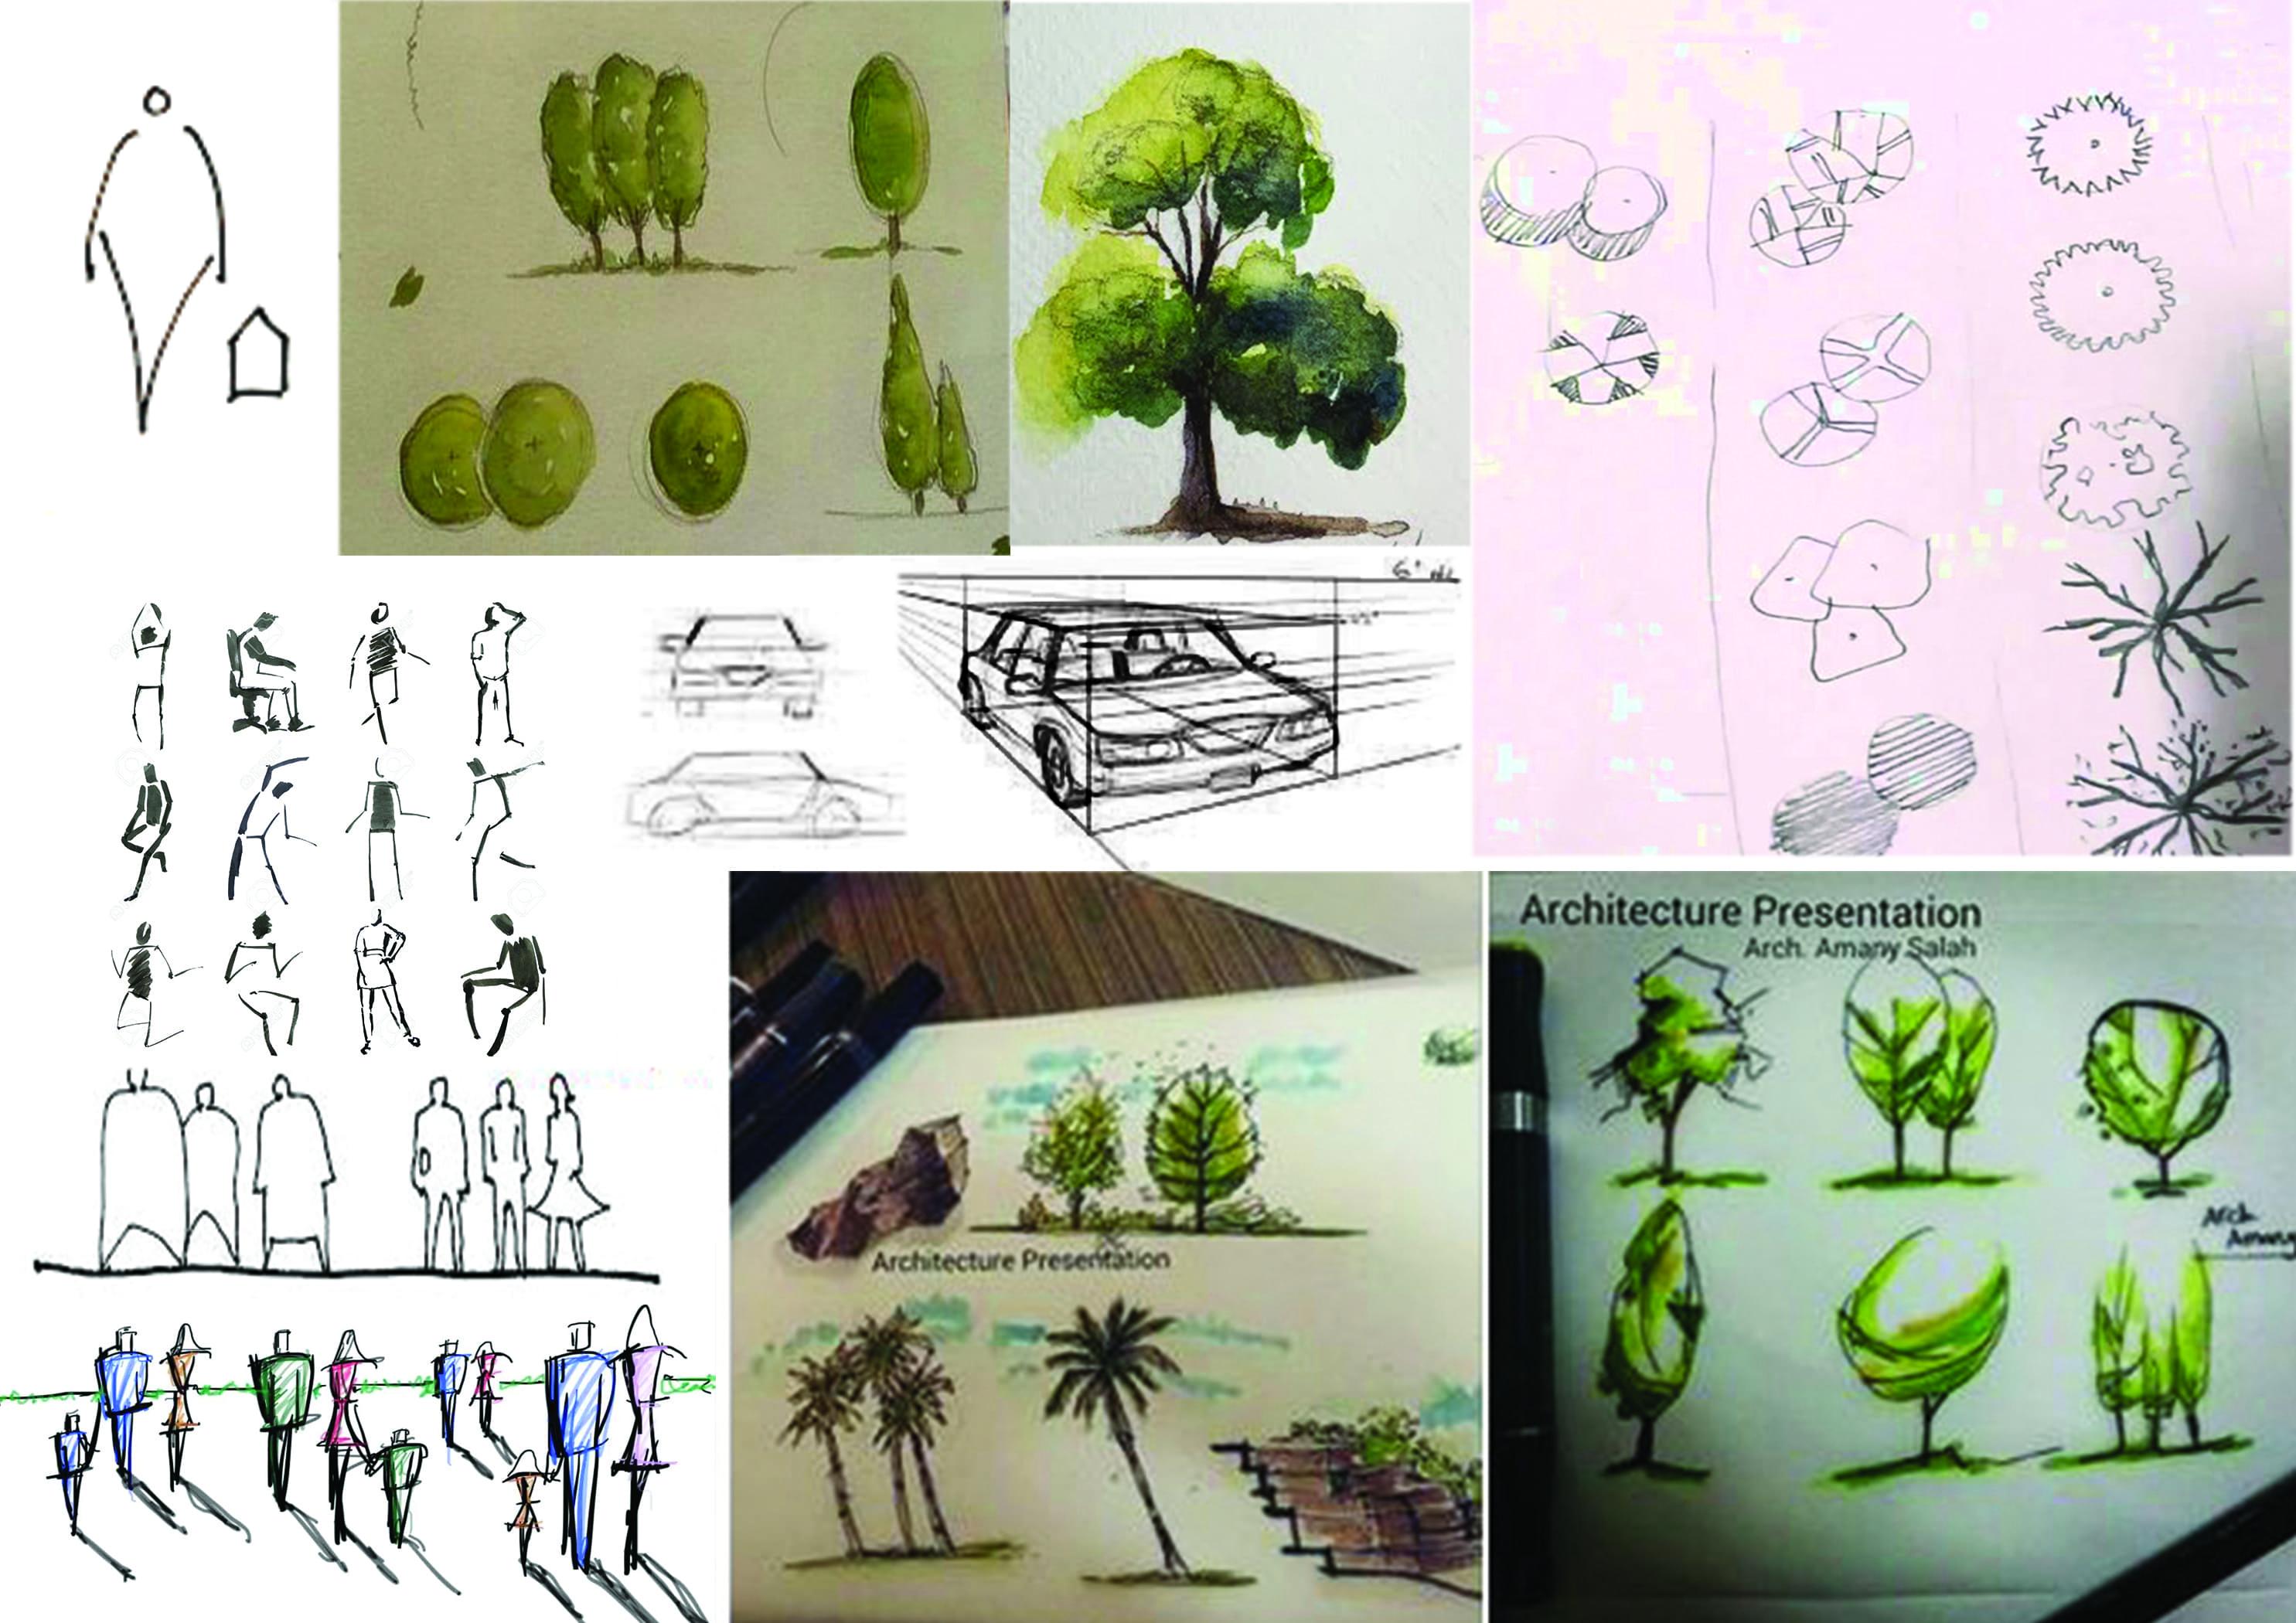 معماري - حبر أون لاين